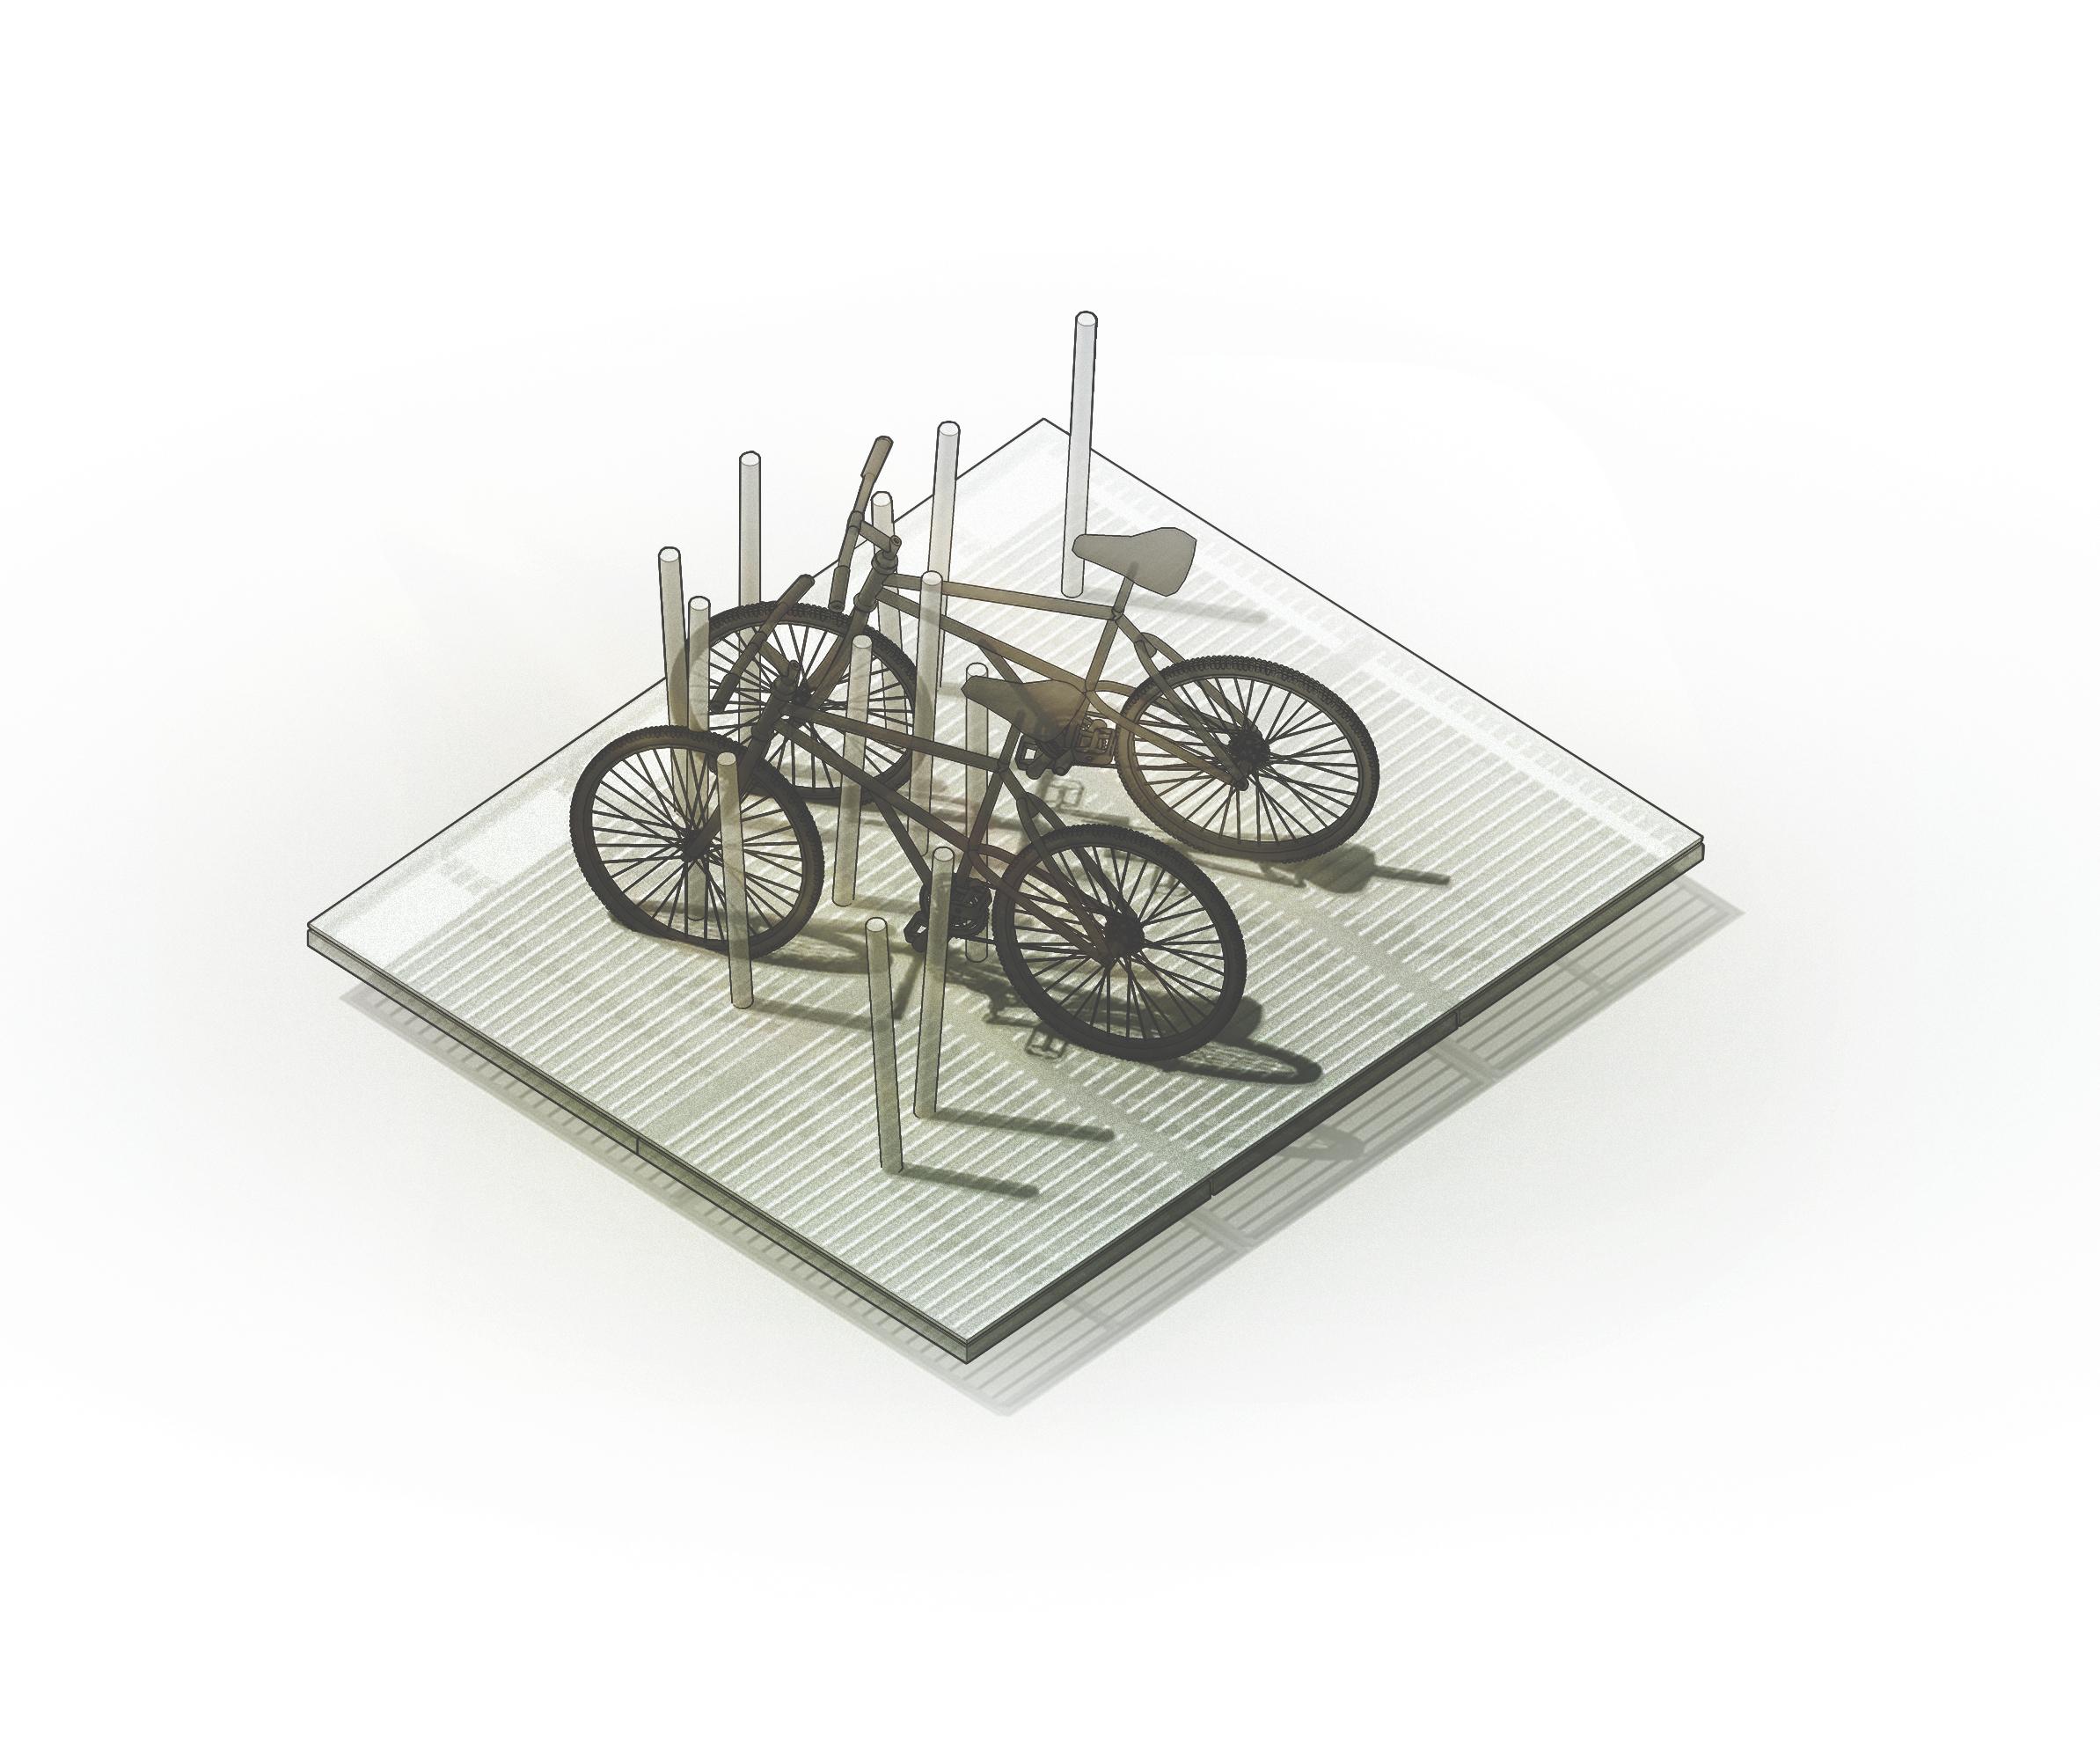 01_bikerack_FINAL.jpg